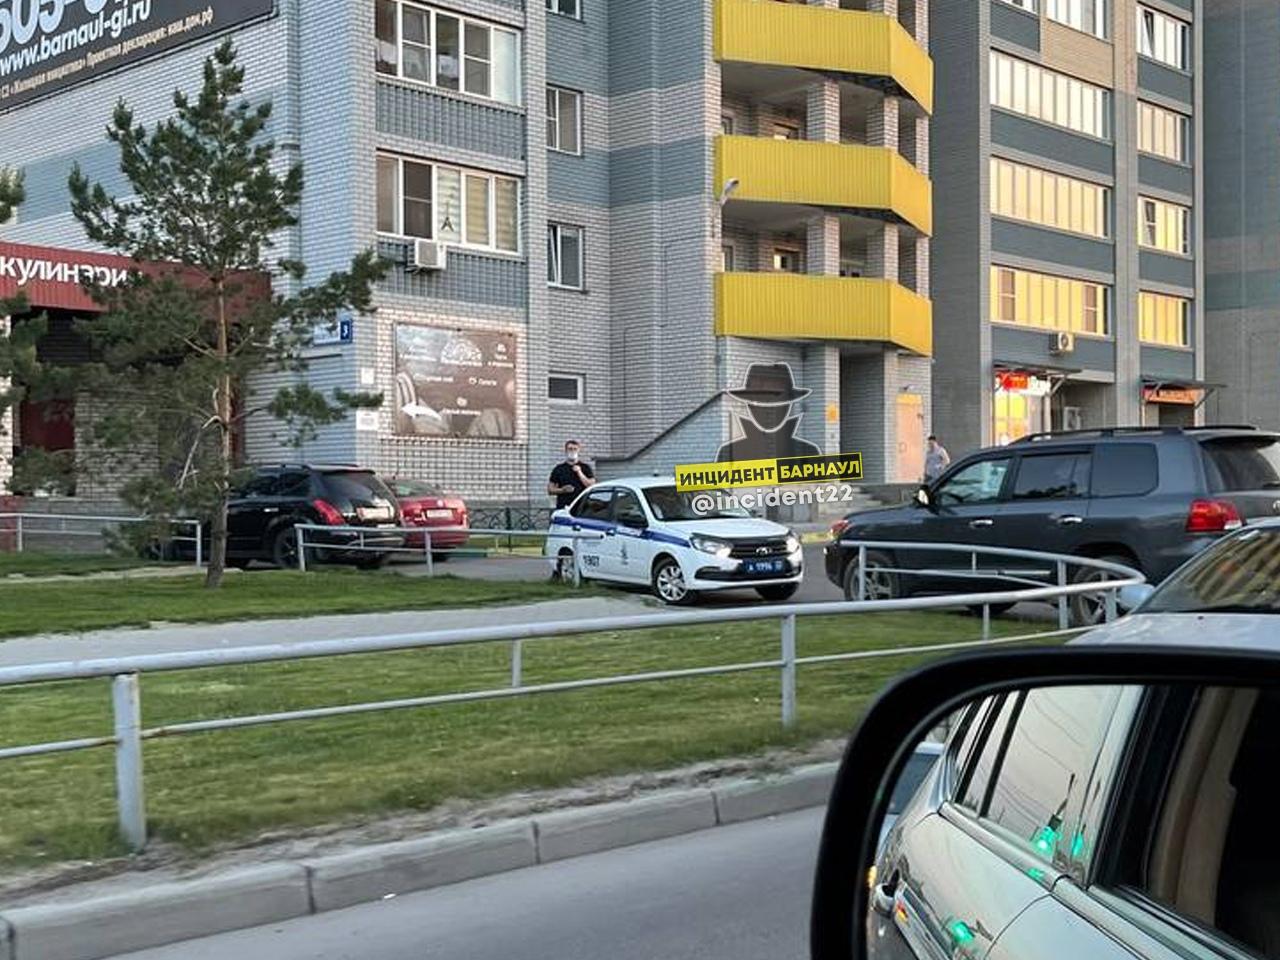 В Барнауле дети сбросили 15 этажа голову маленькому мальчику пятилитровую бутылку водой